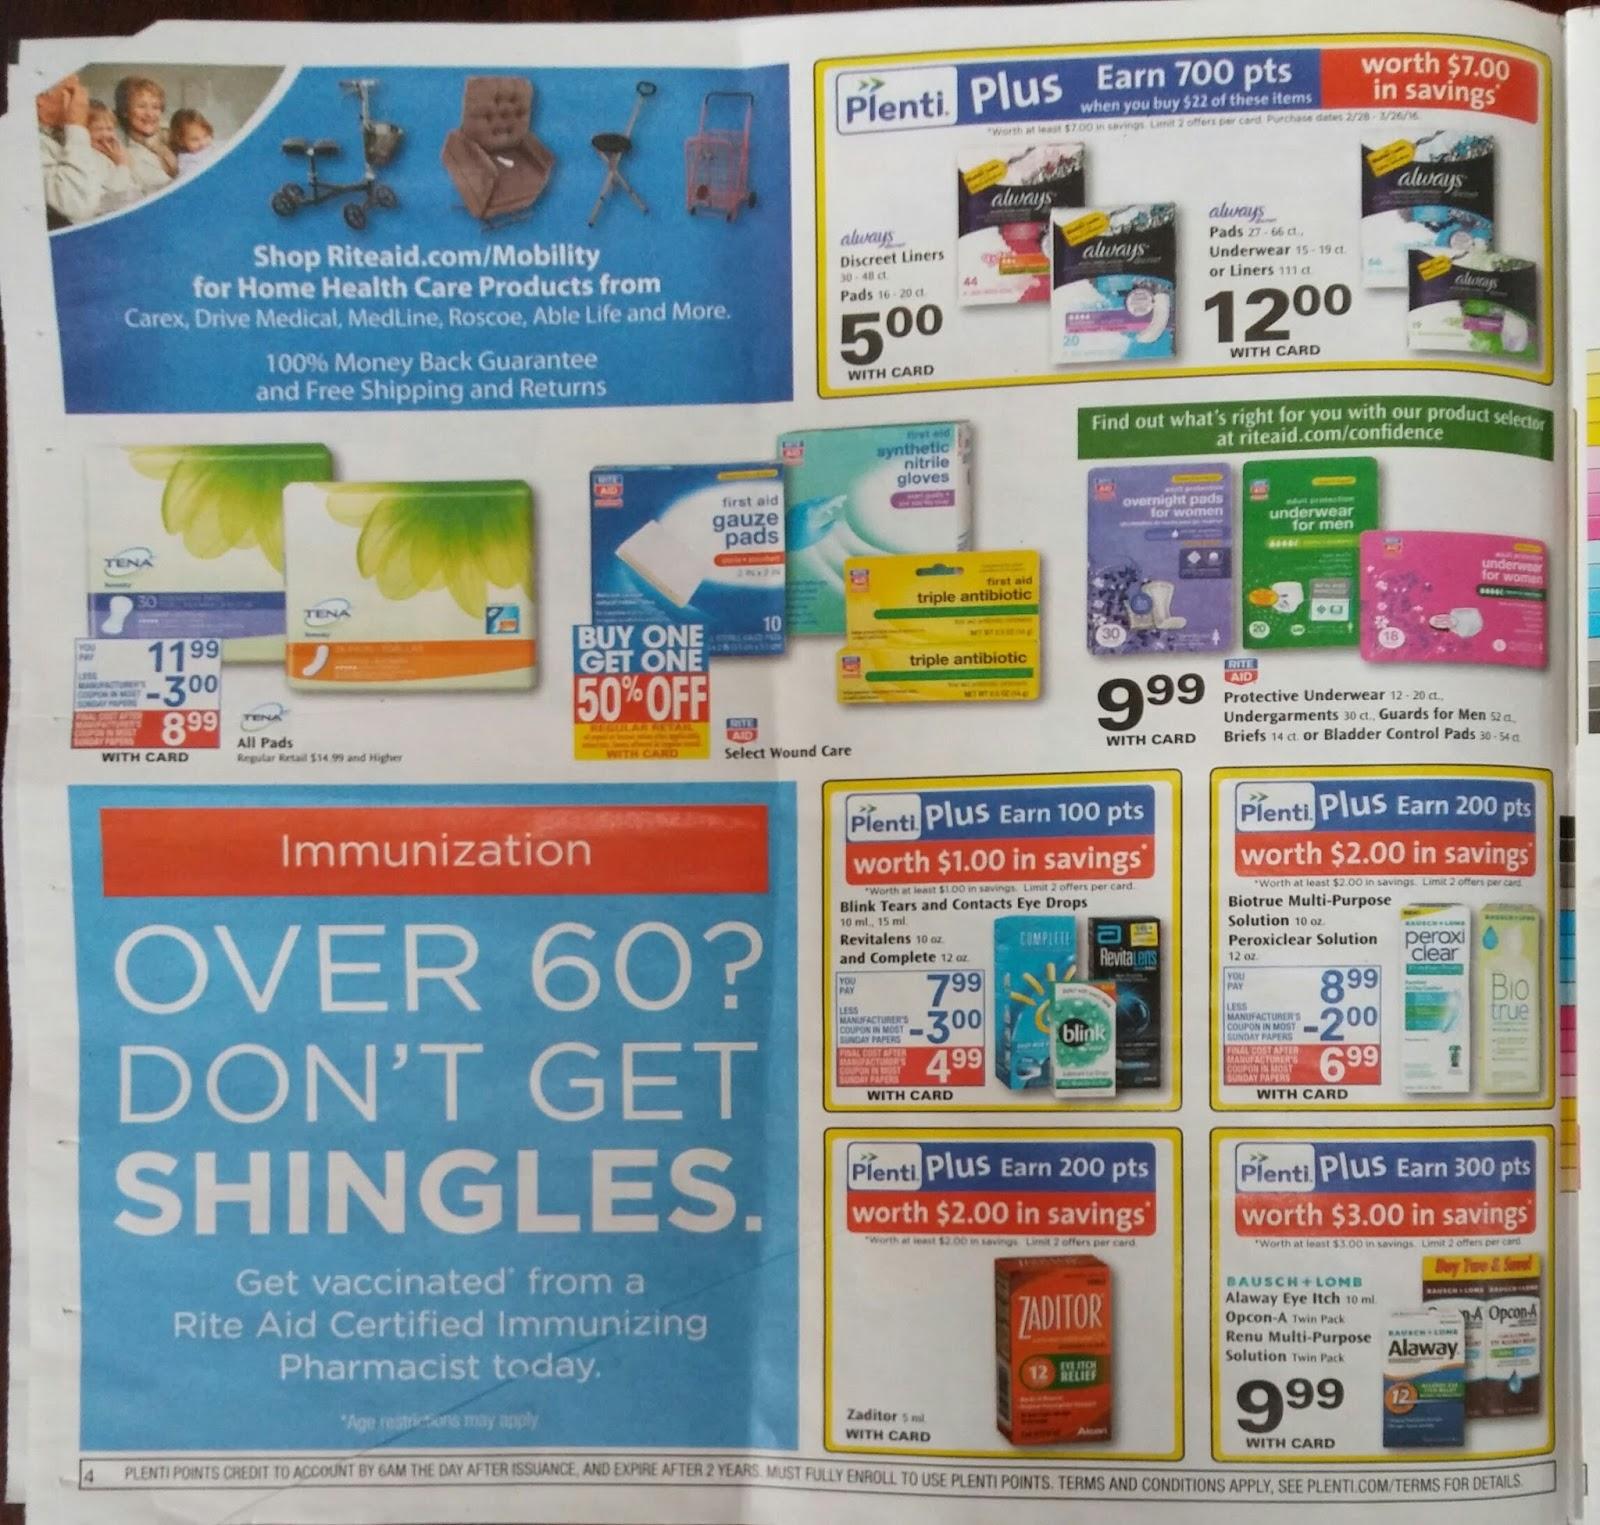 tops coupon matchups 4/3/16